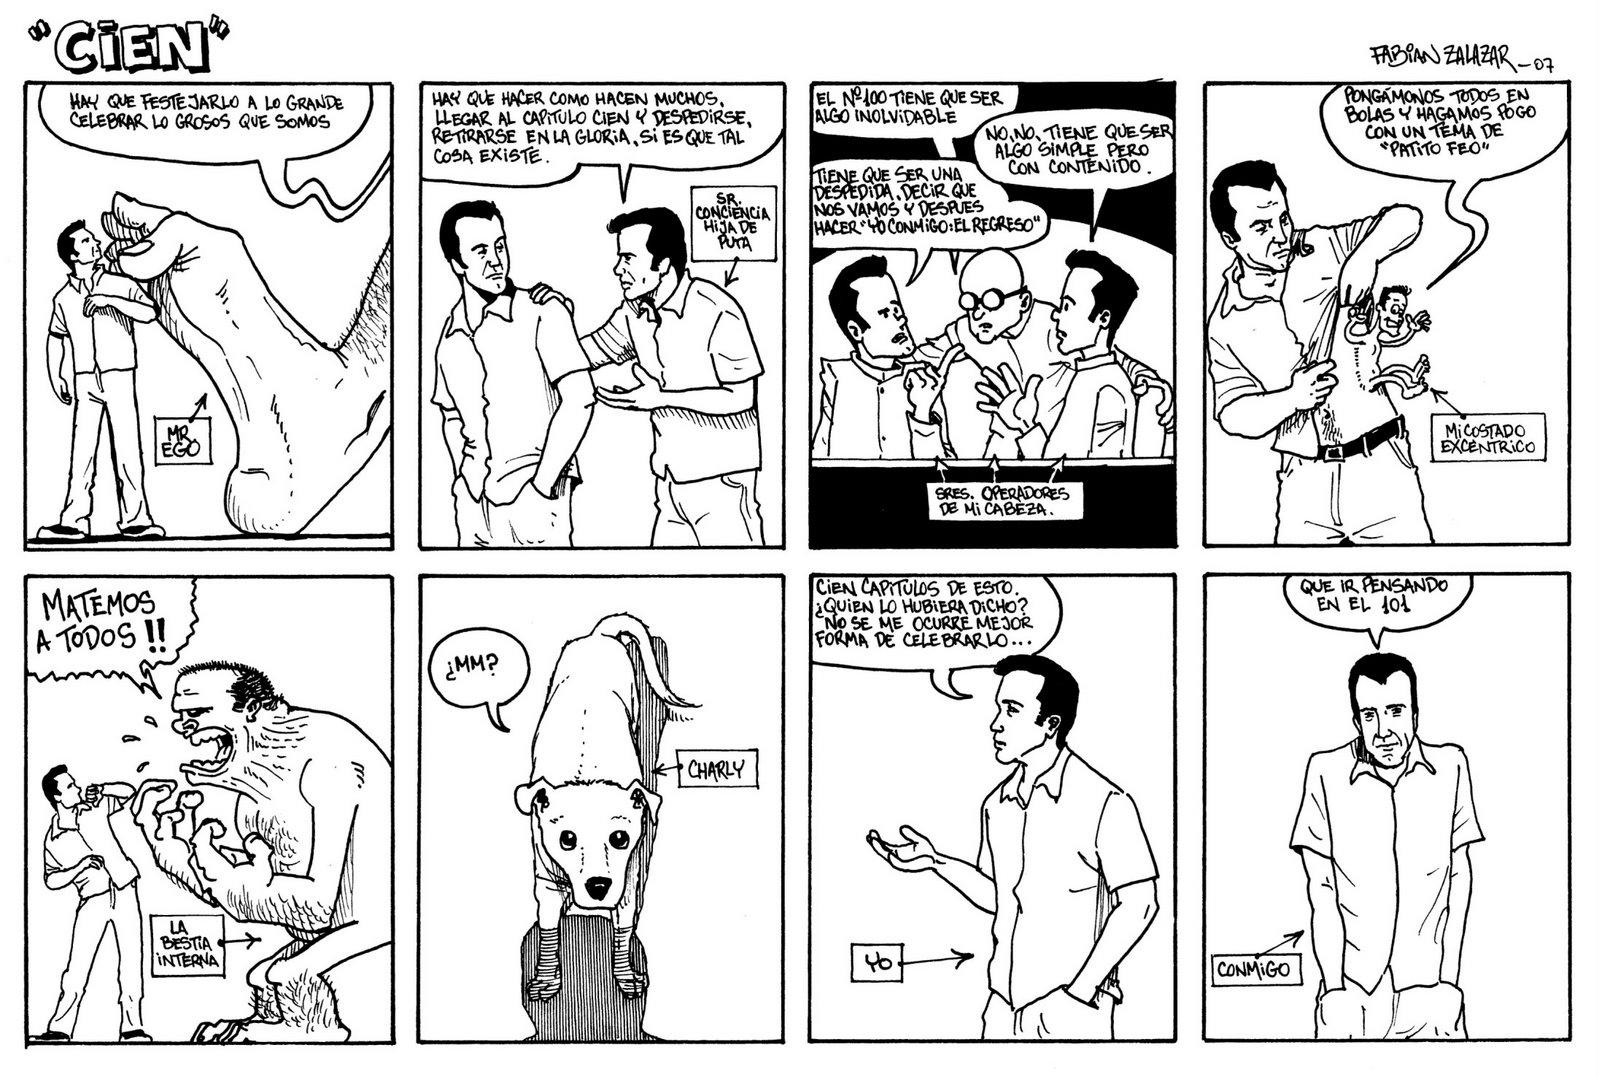 fabian zalazar--dibujante de historietas reales